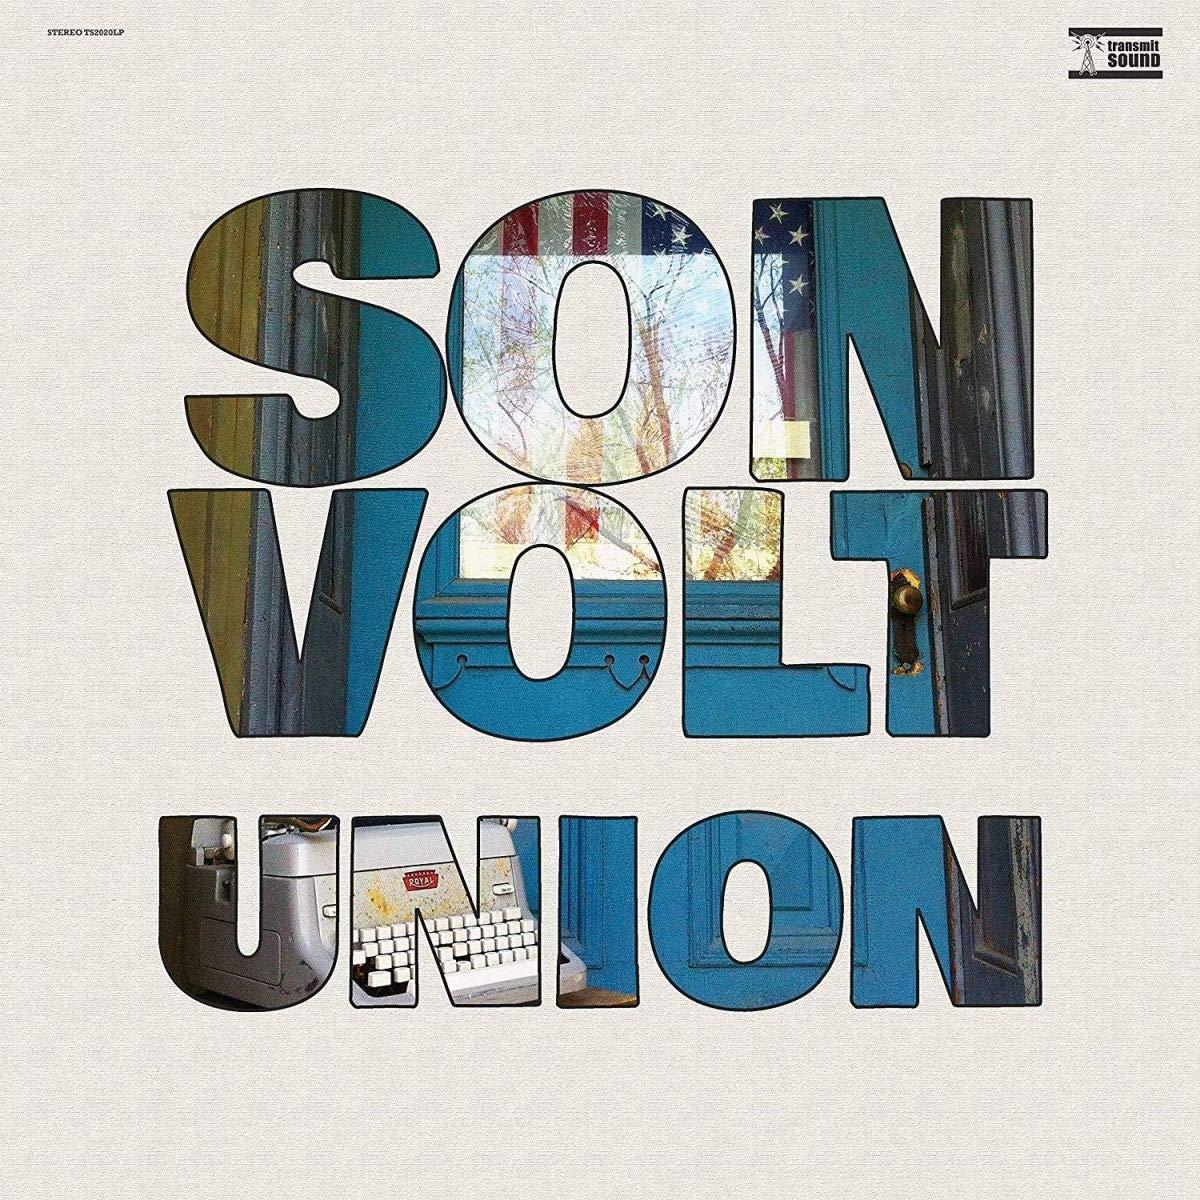 Son Volt - Union (cover art)